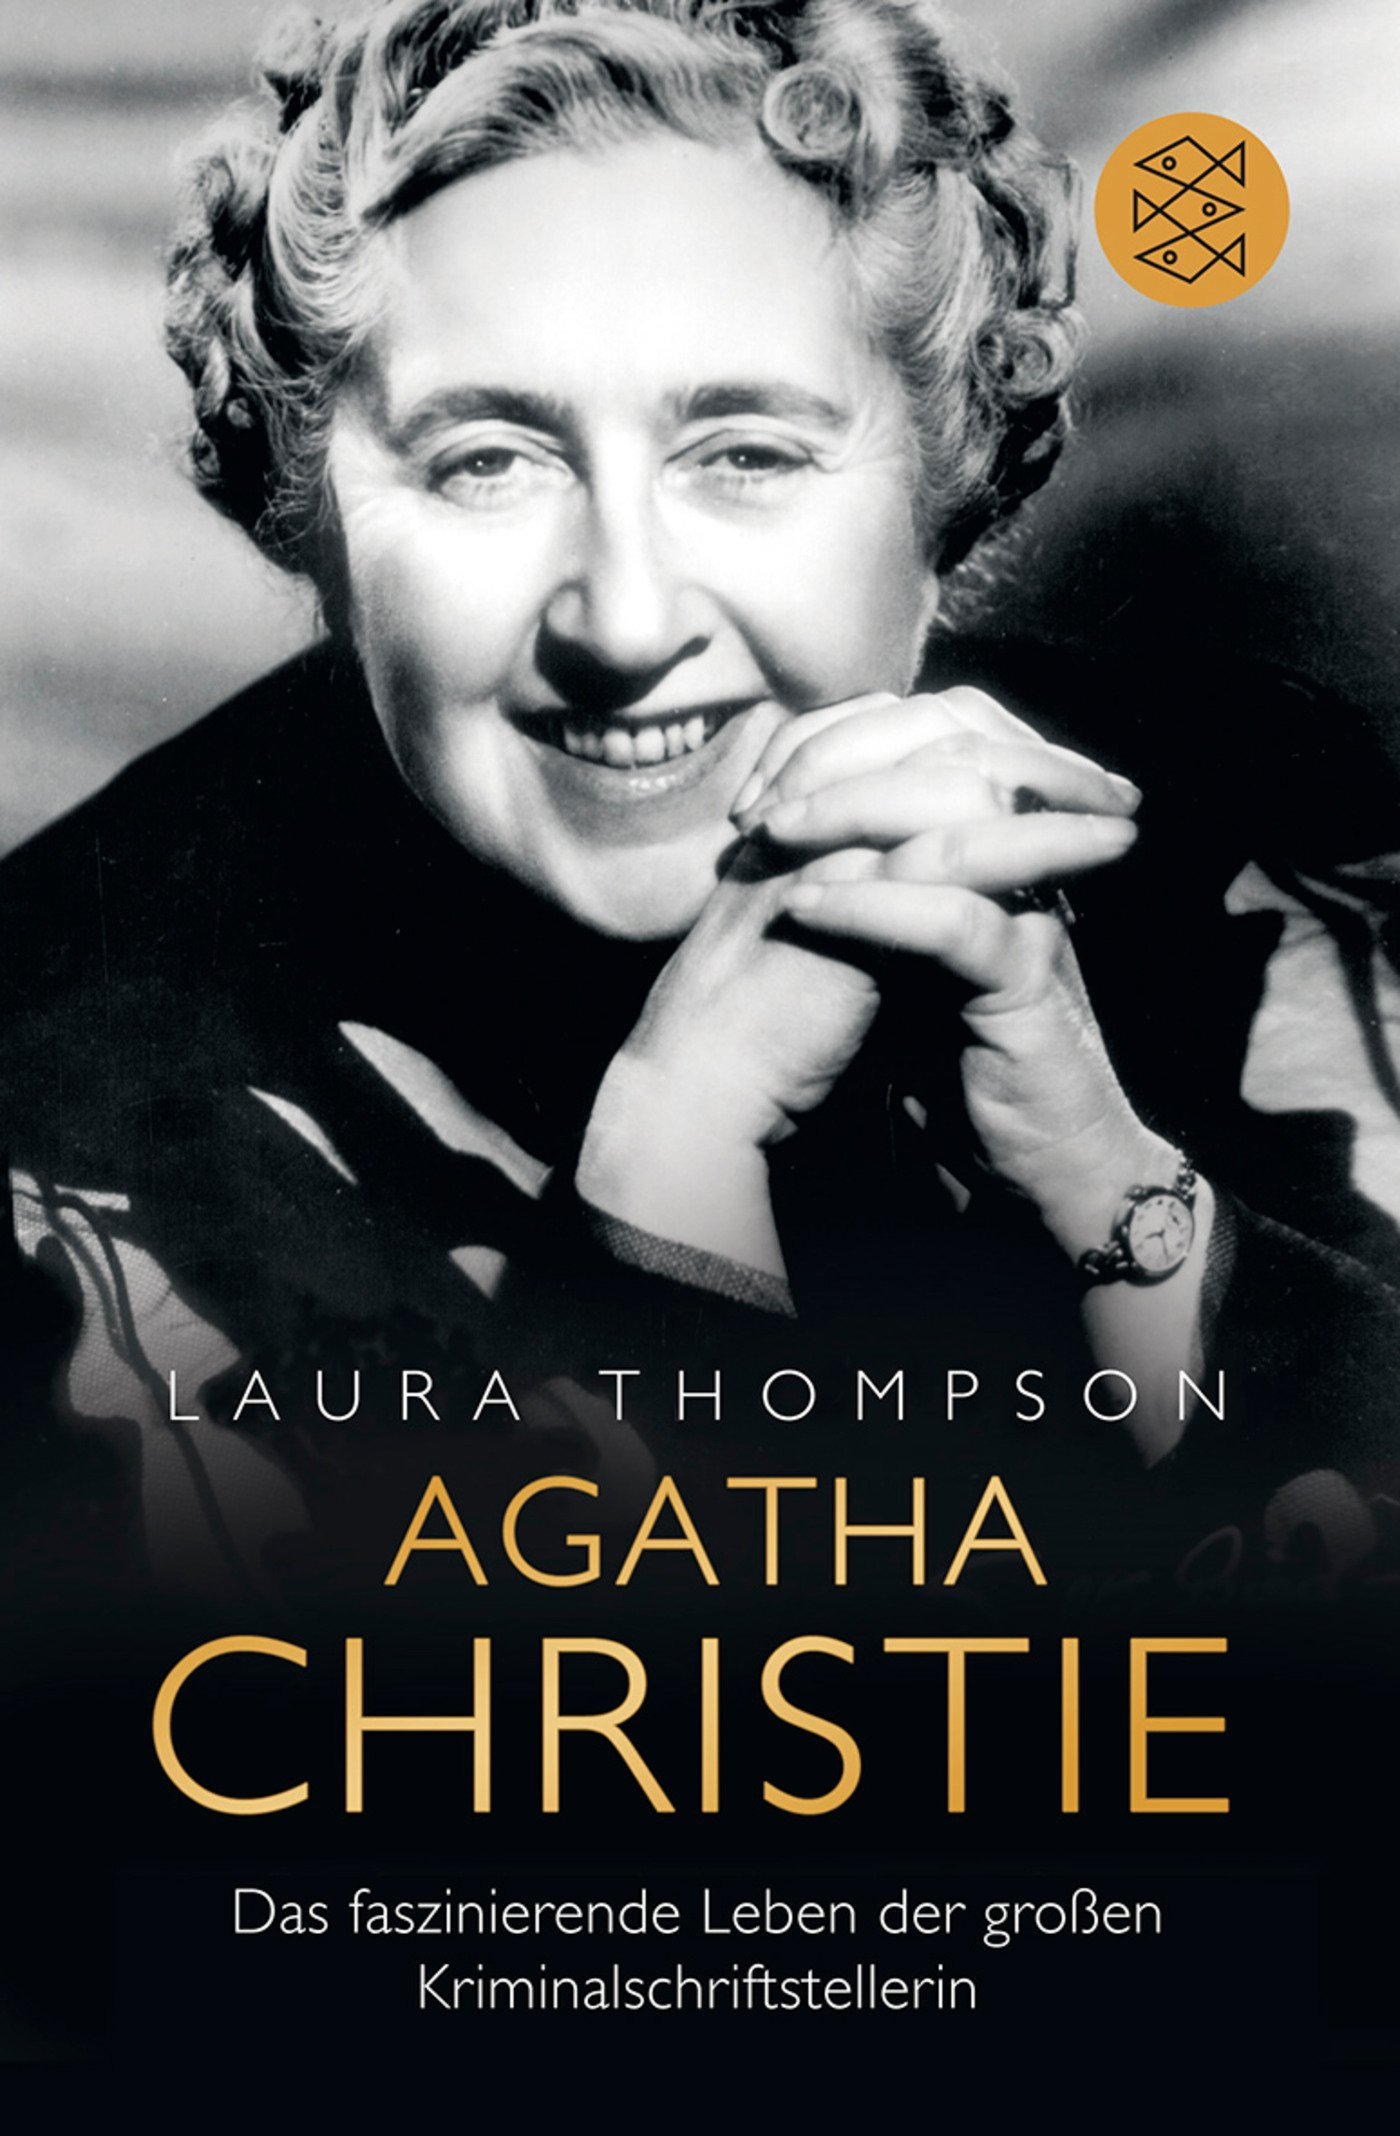 Agatha Christie: Das faszinierende Leben der großen Kriminalschriftstellerin Taschenbuch – 25. Juli 2012 Laura Thompson Tatjana Kruse FISCHER Taschenbuch 3596180856